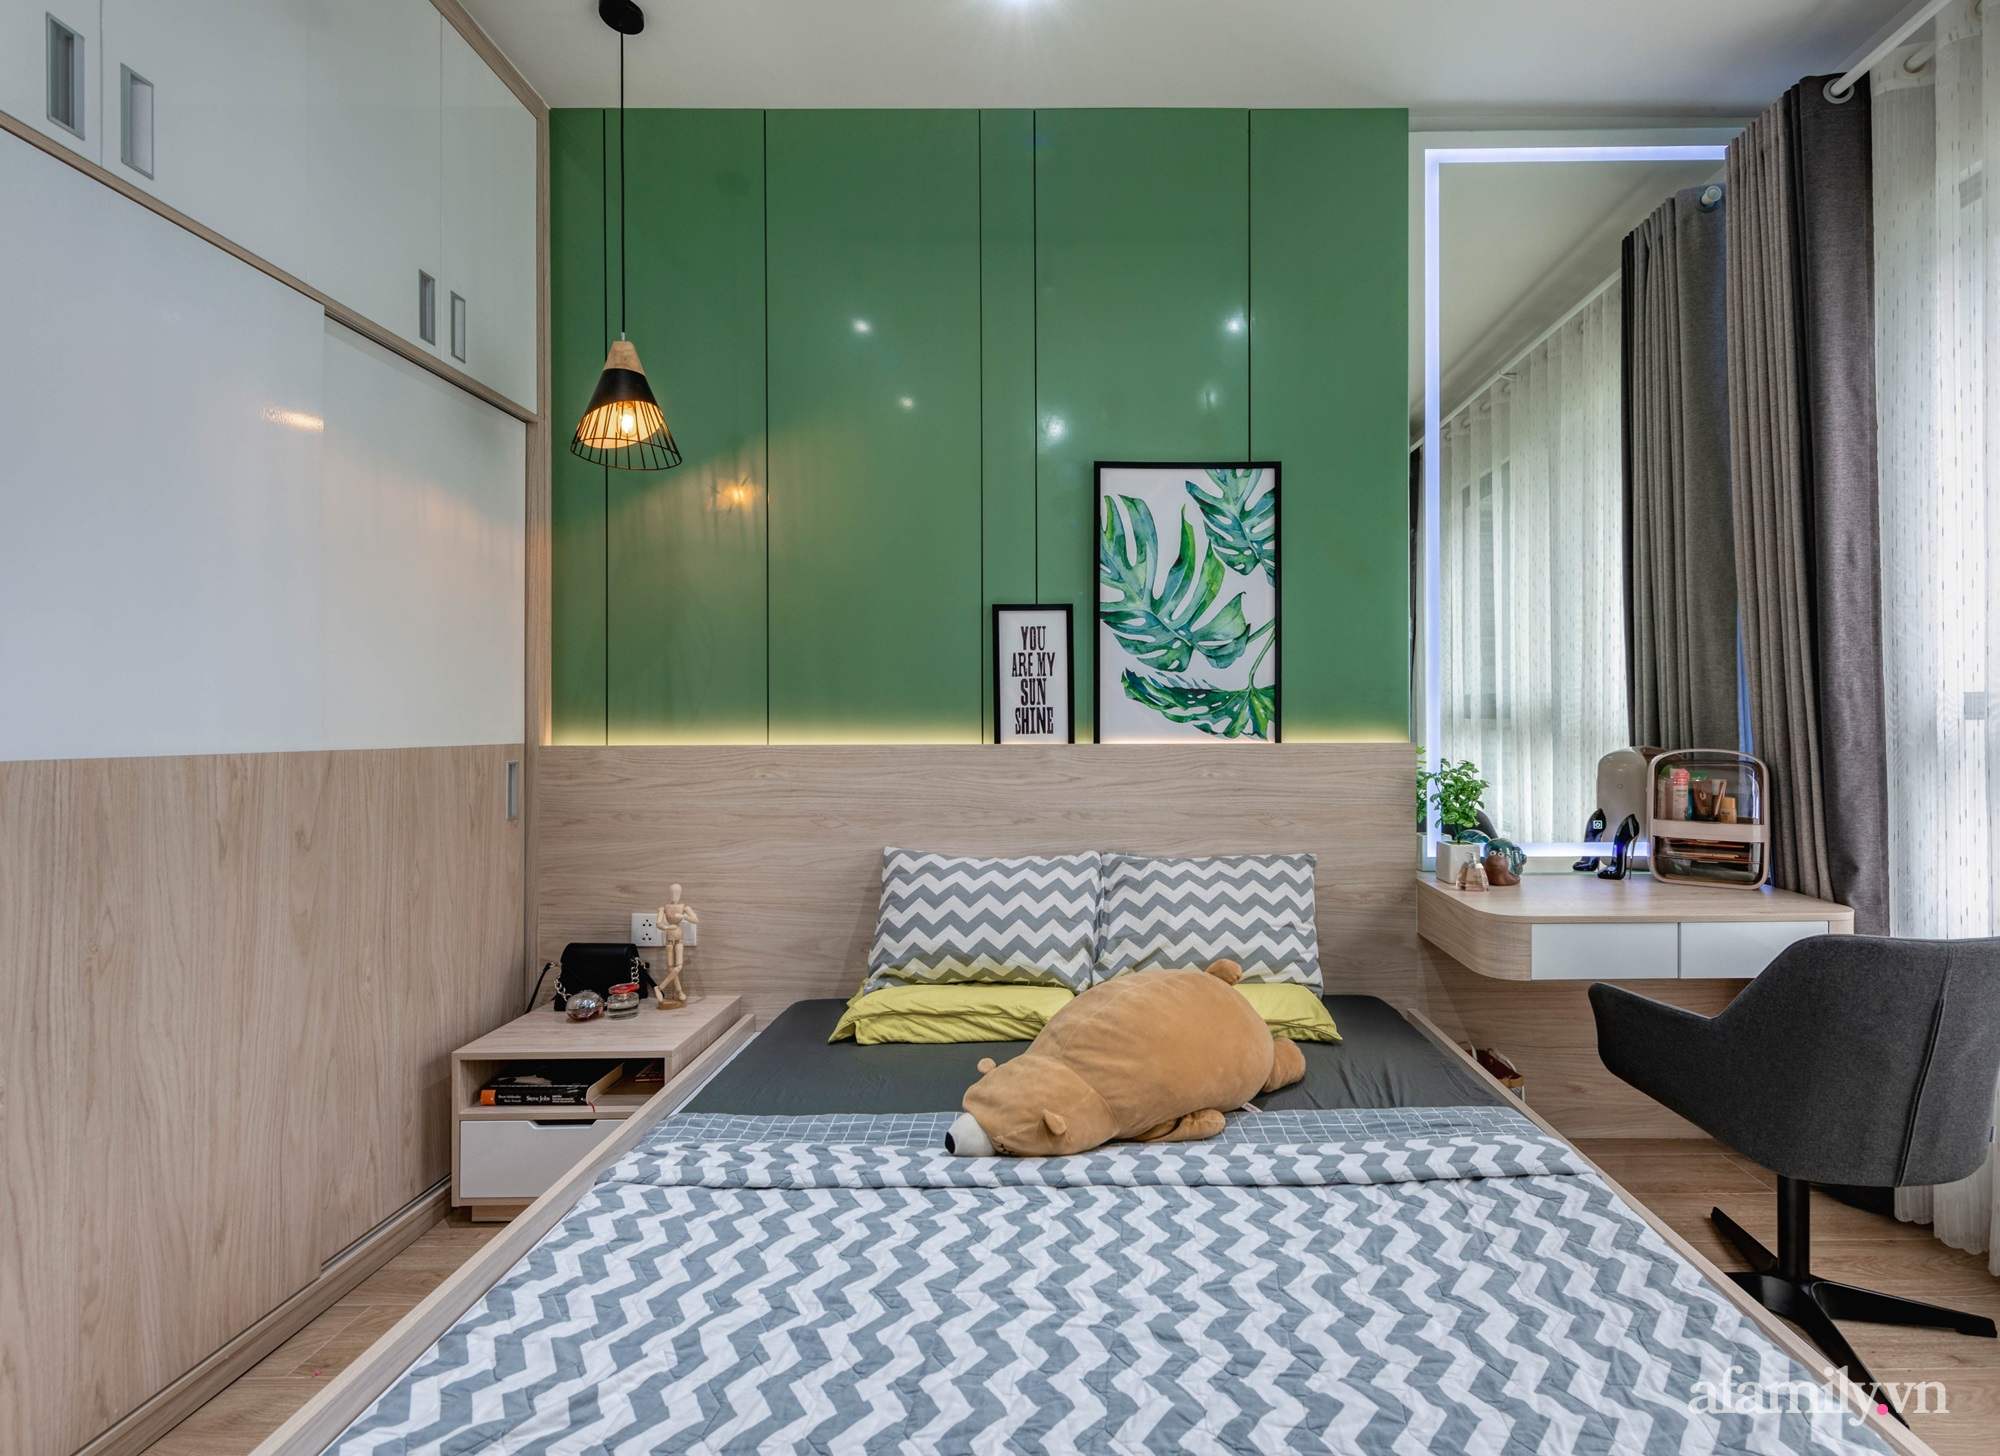 Căn hộ 69m² tạo dấu ấn đặc biệt với phong cách Tropical có chi phí thi công 180 triệu đồng ở Sài Gòn - Ảnh 13.